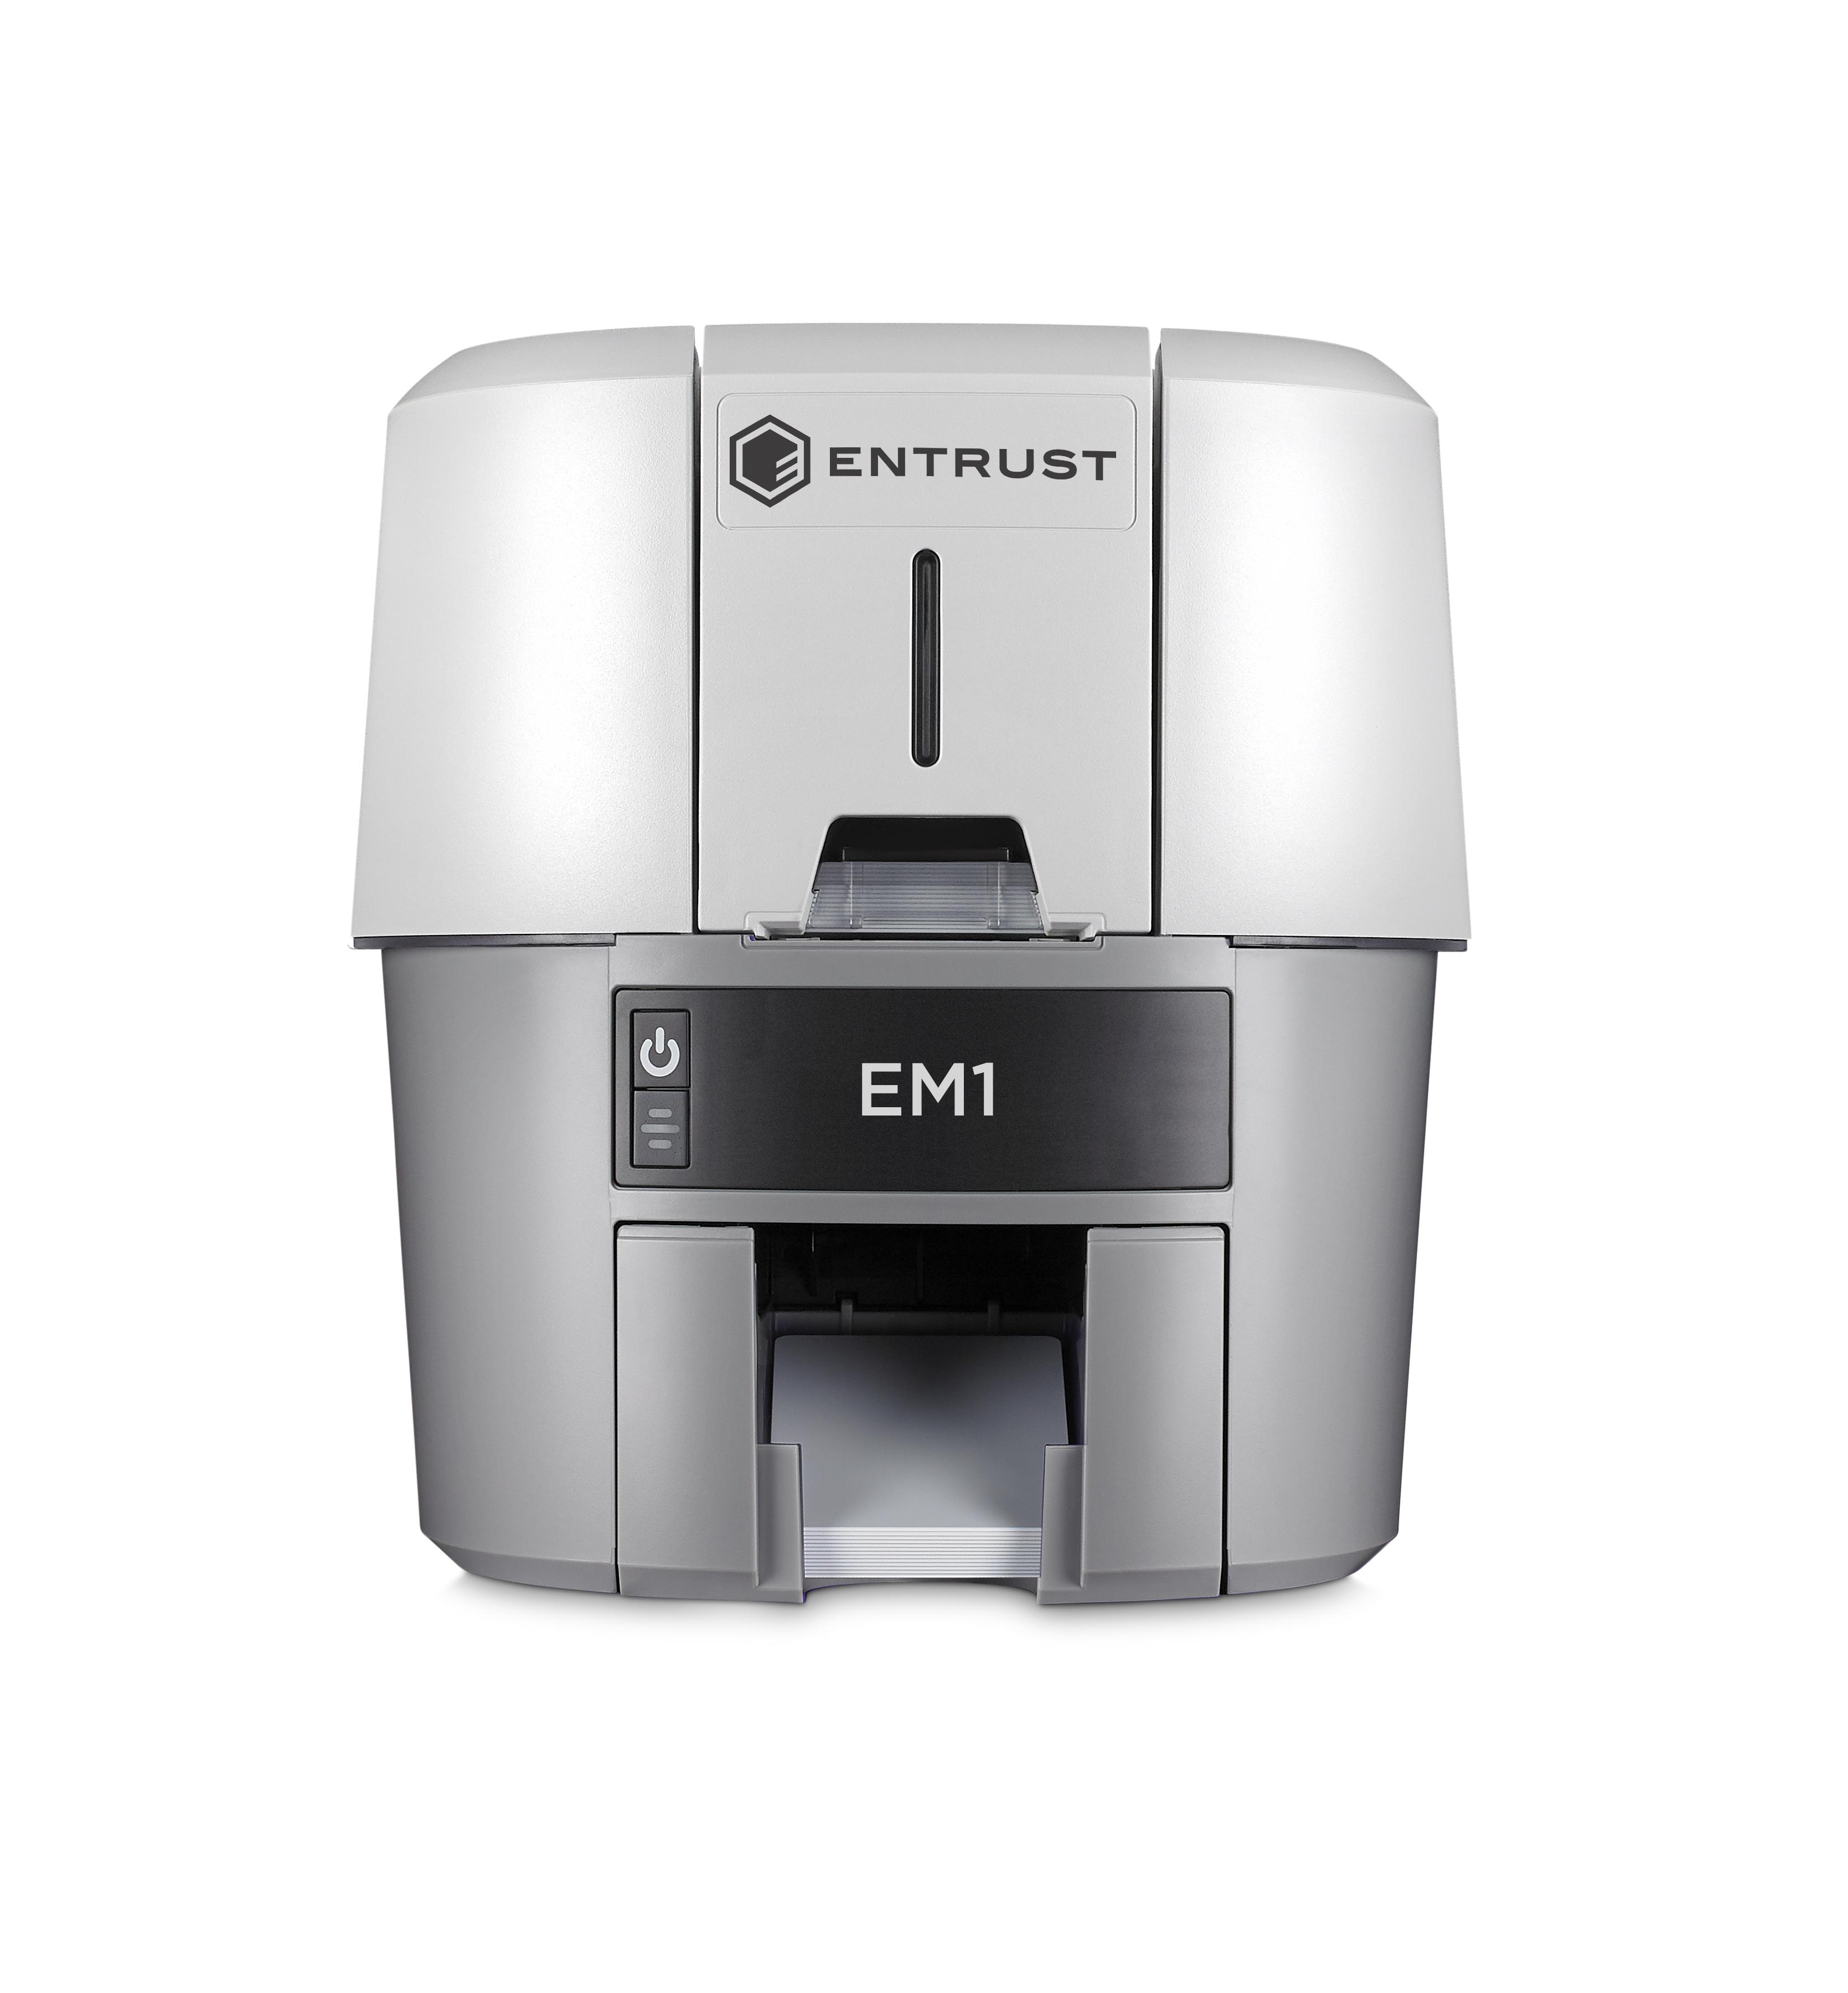 Entrust EM1